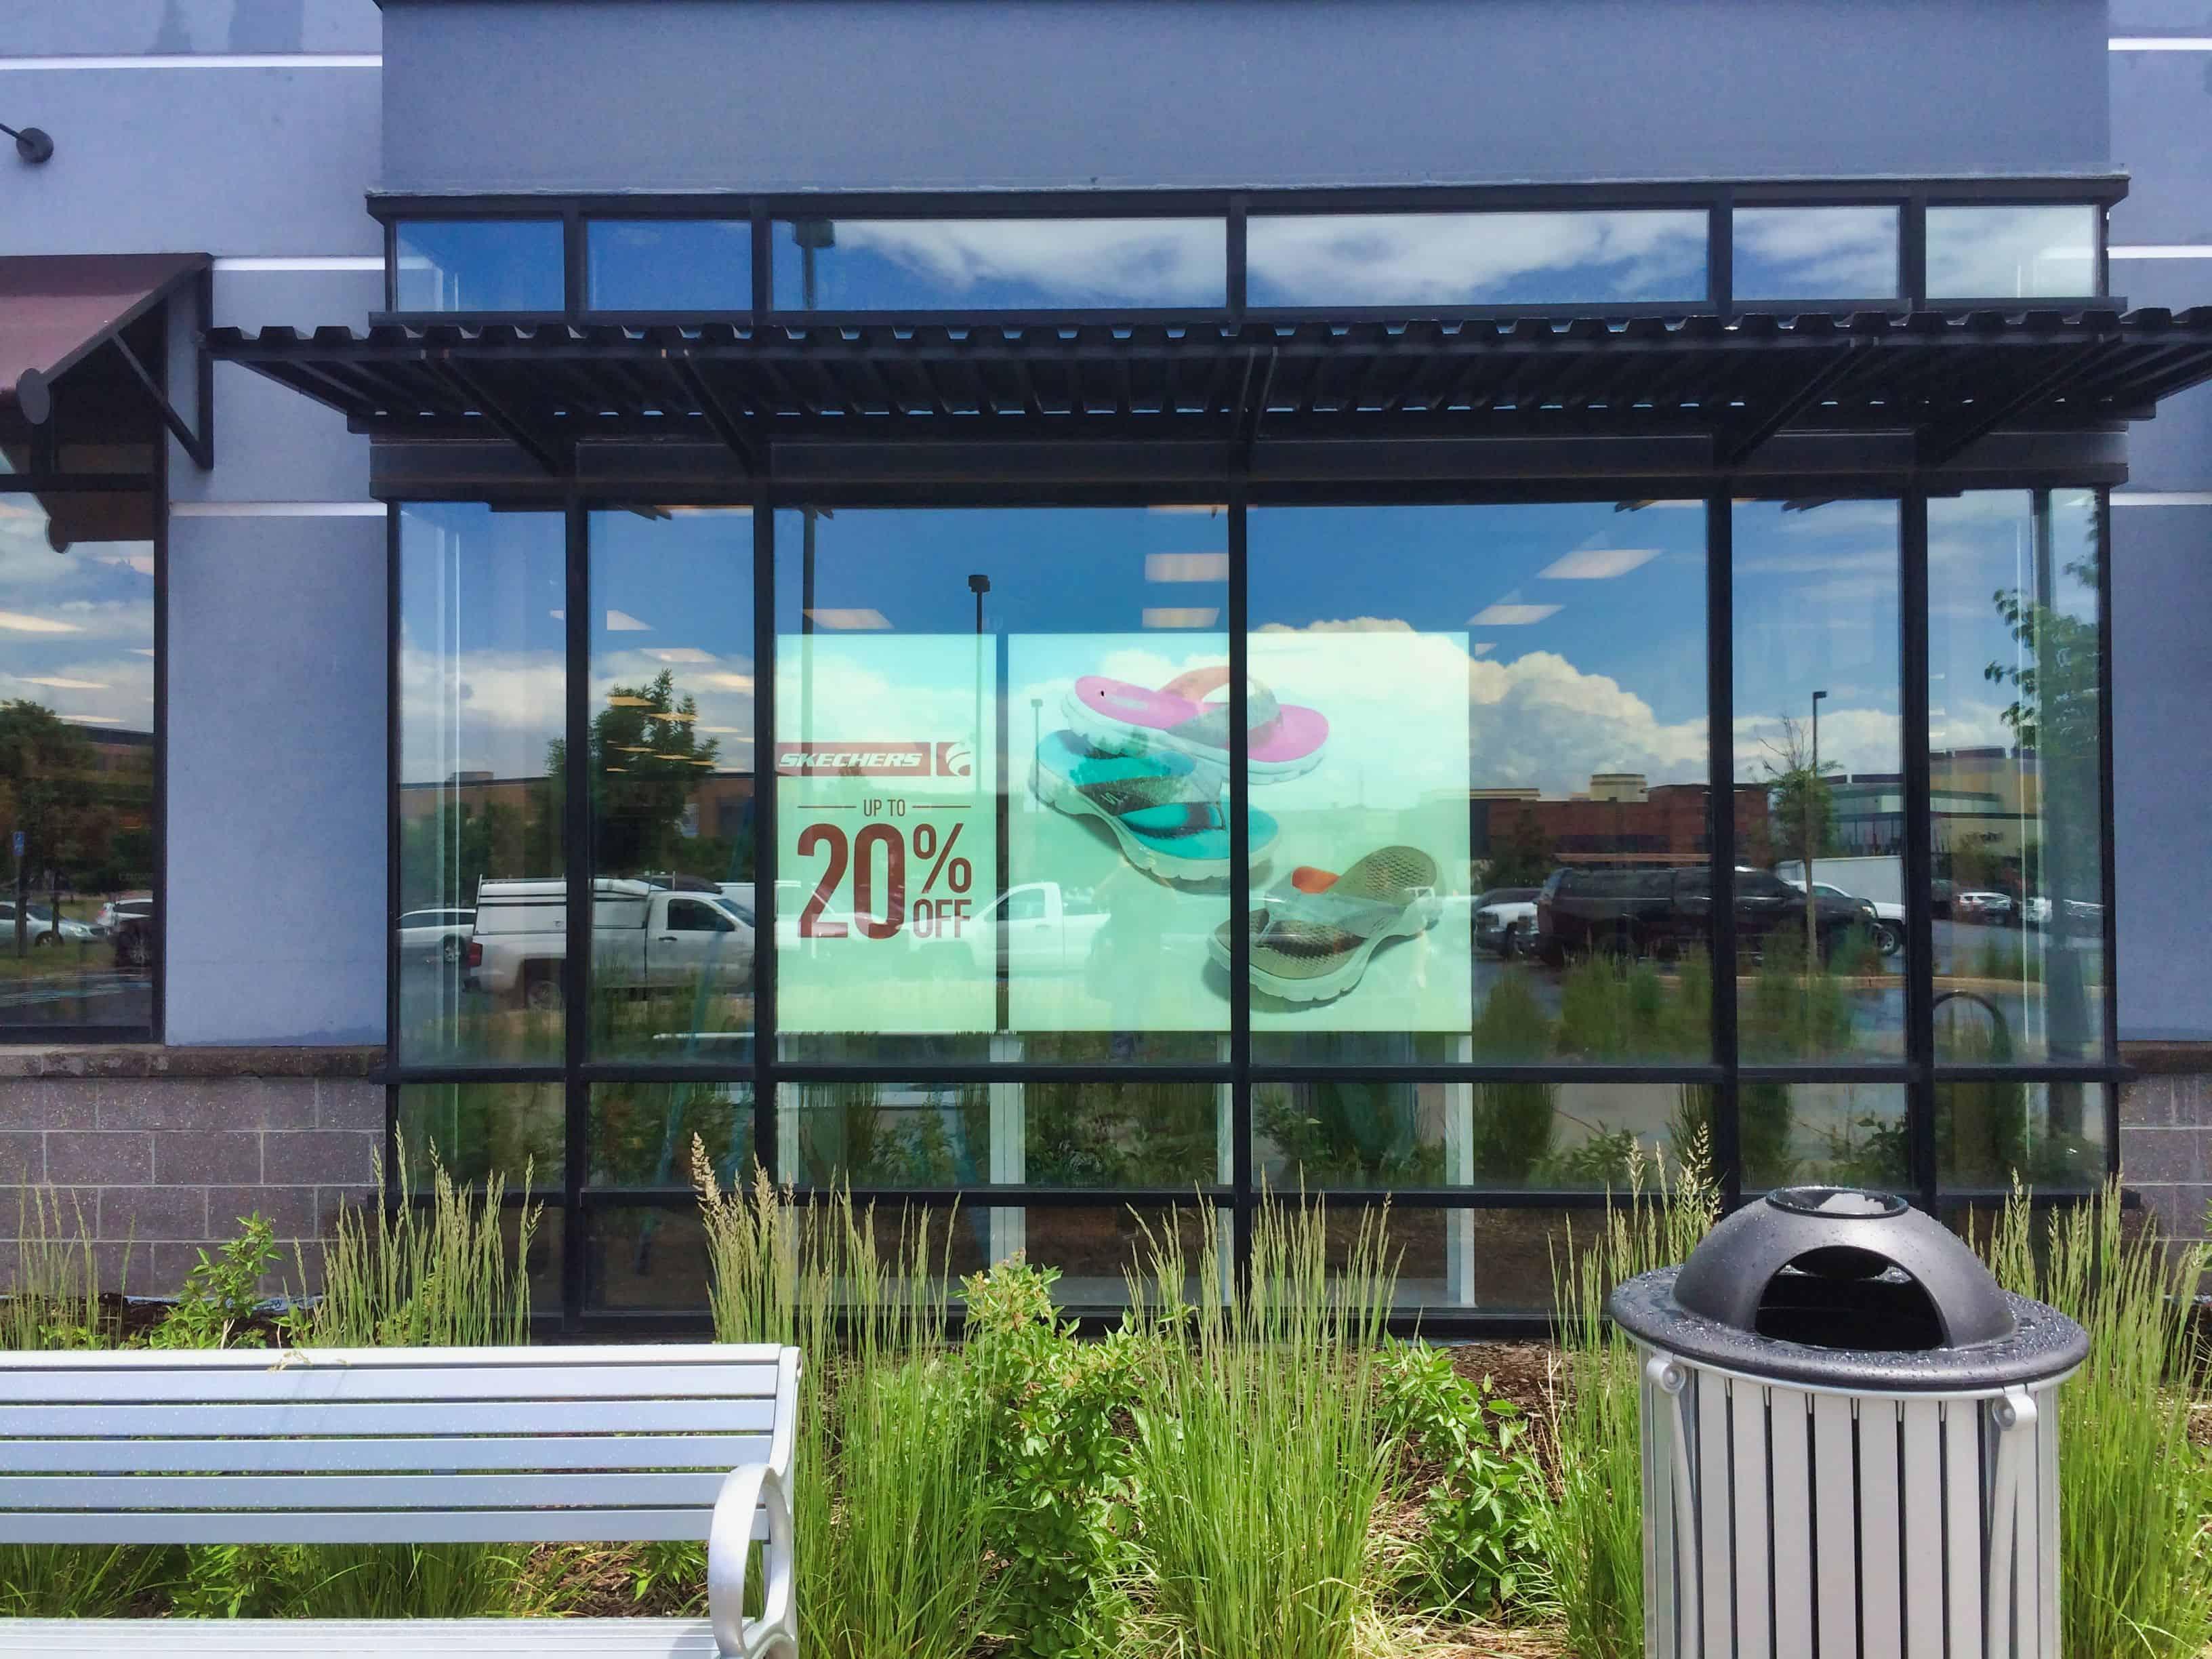 Storefront Digital Signage